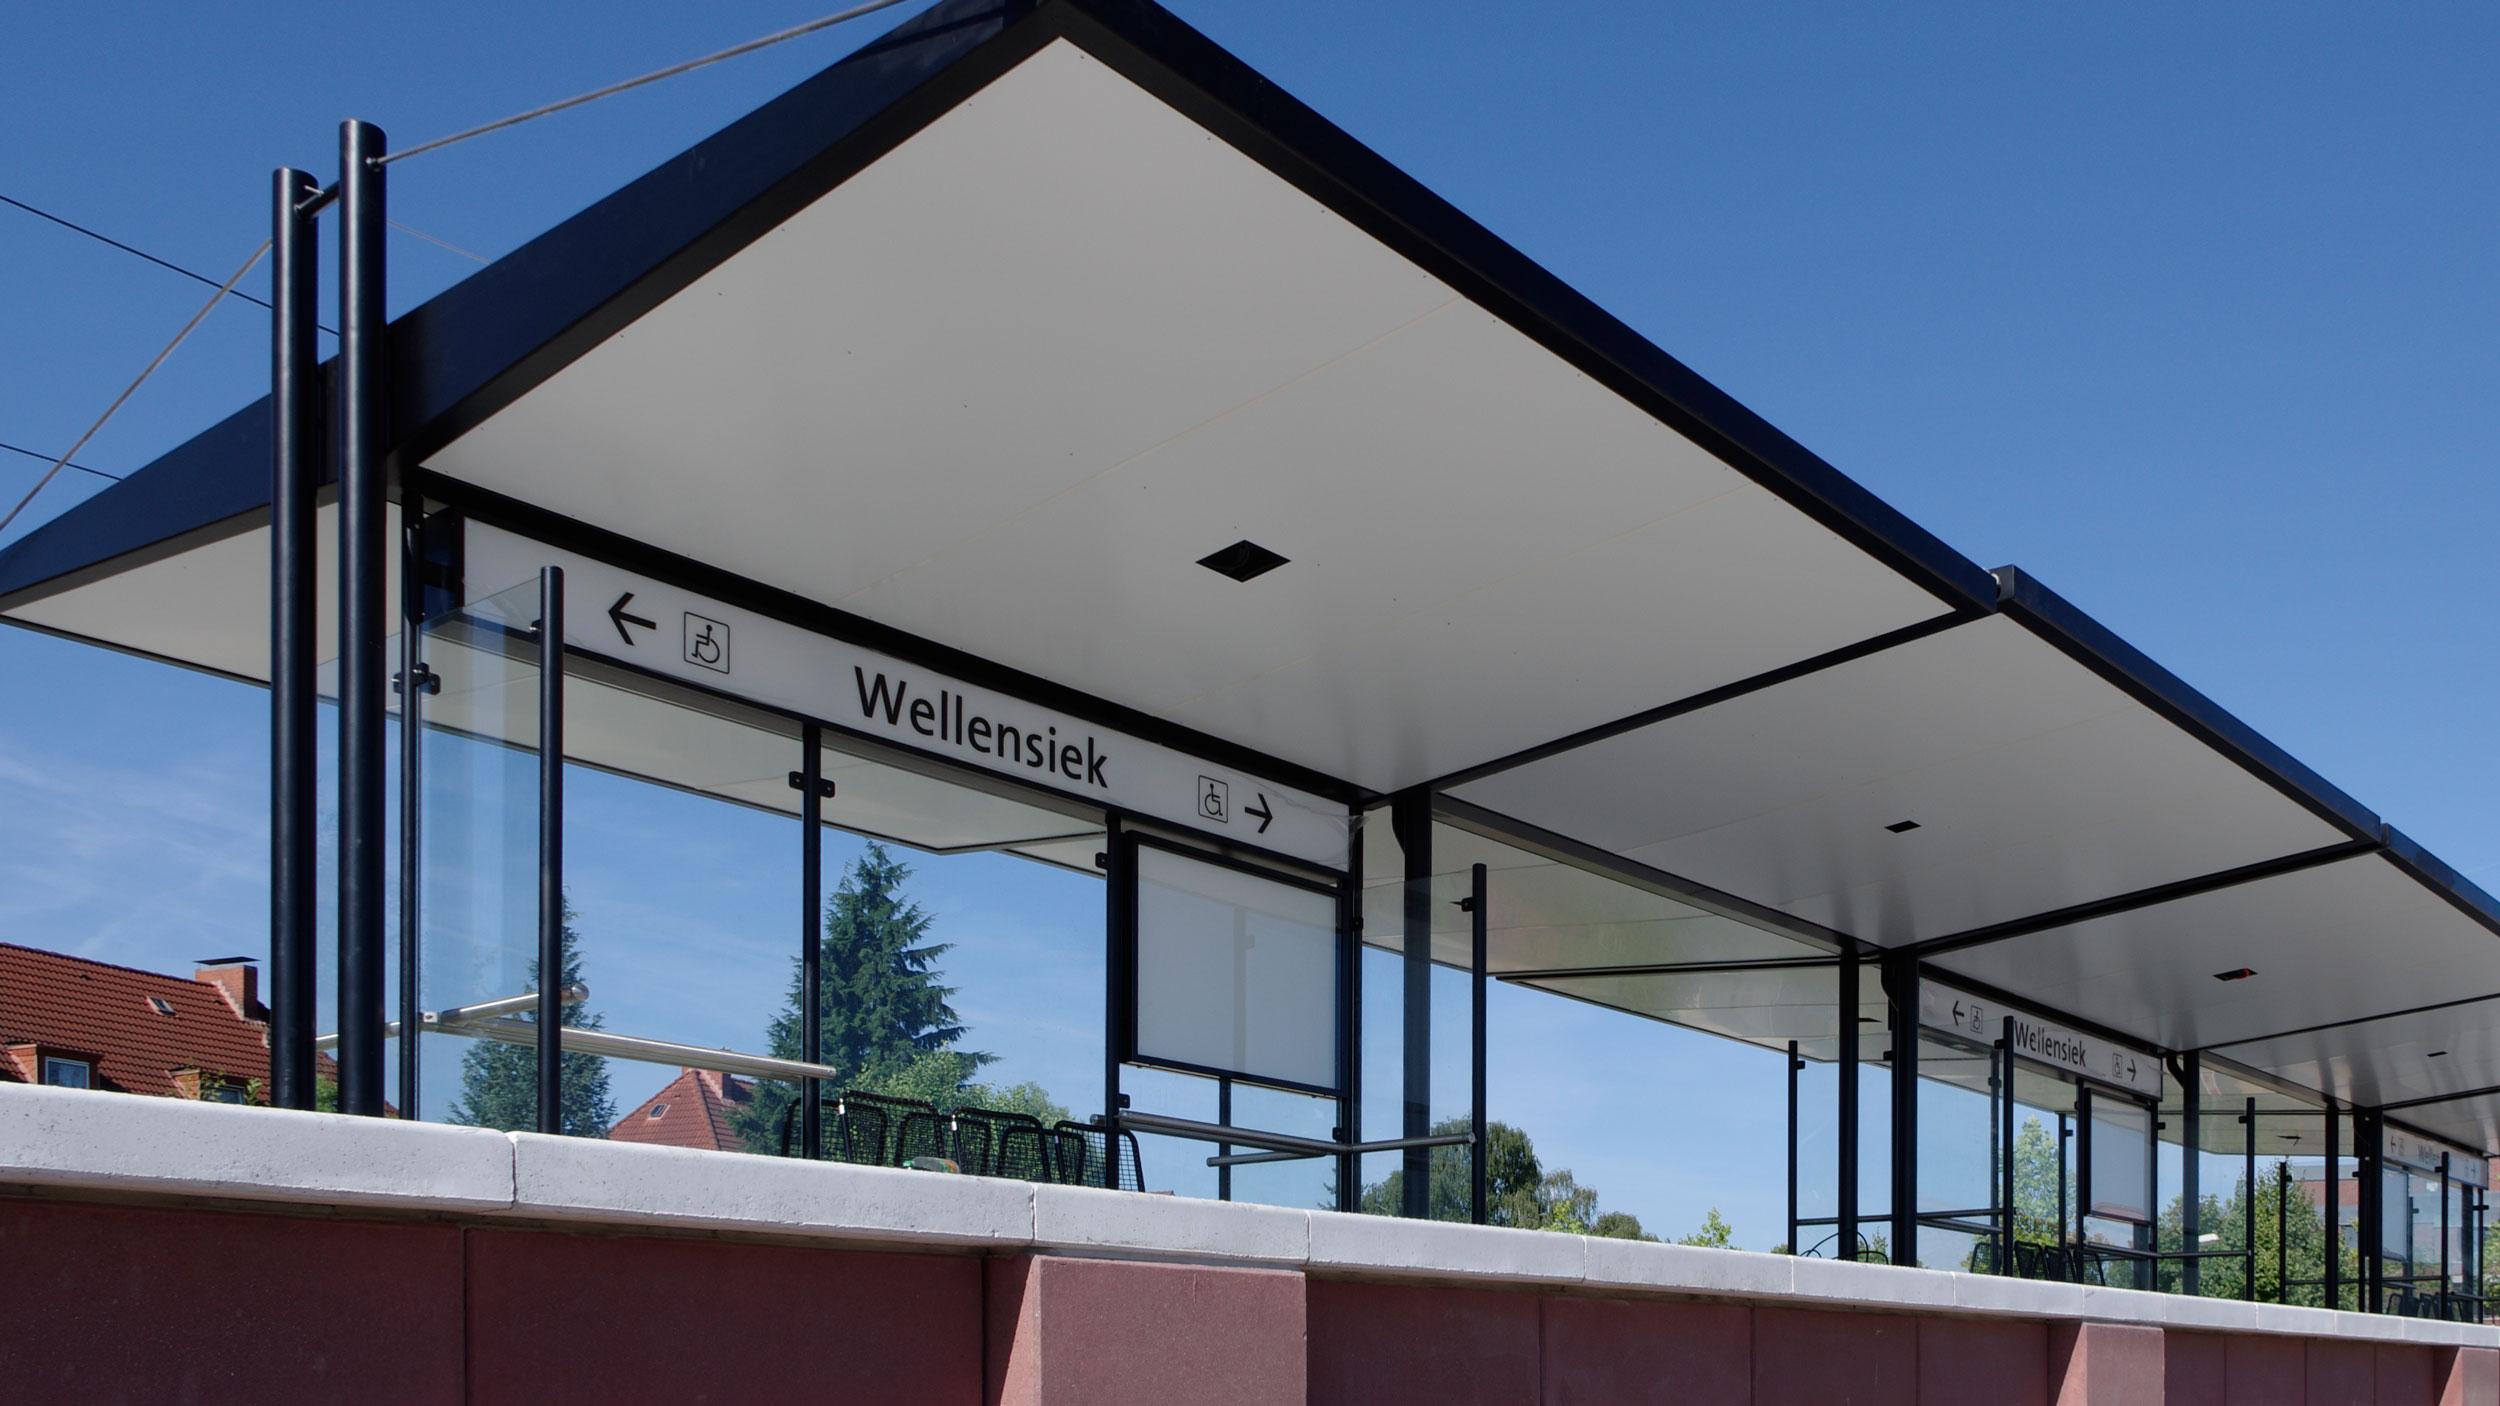 Wellensiekplatz